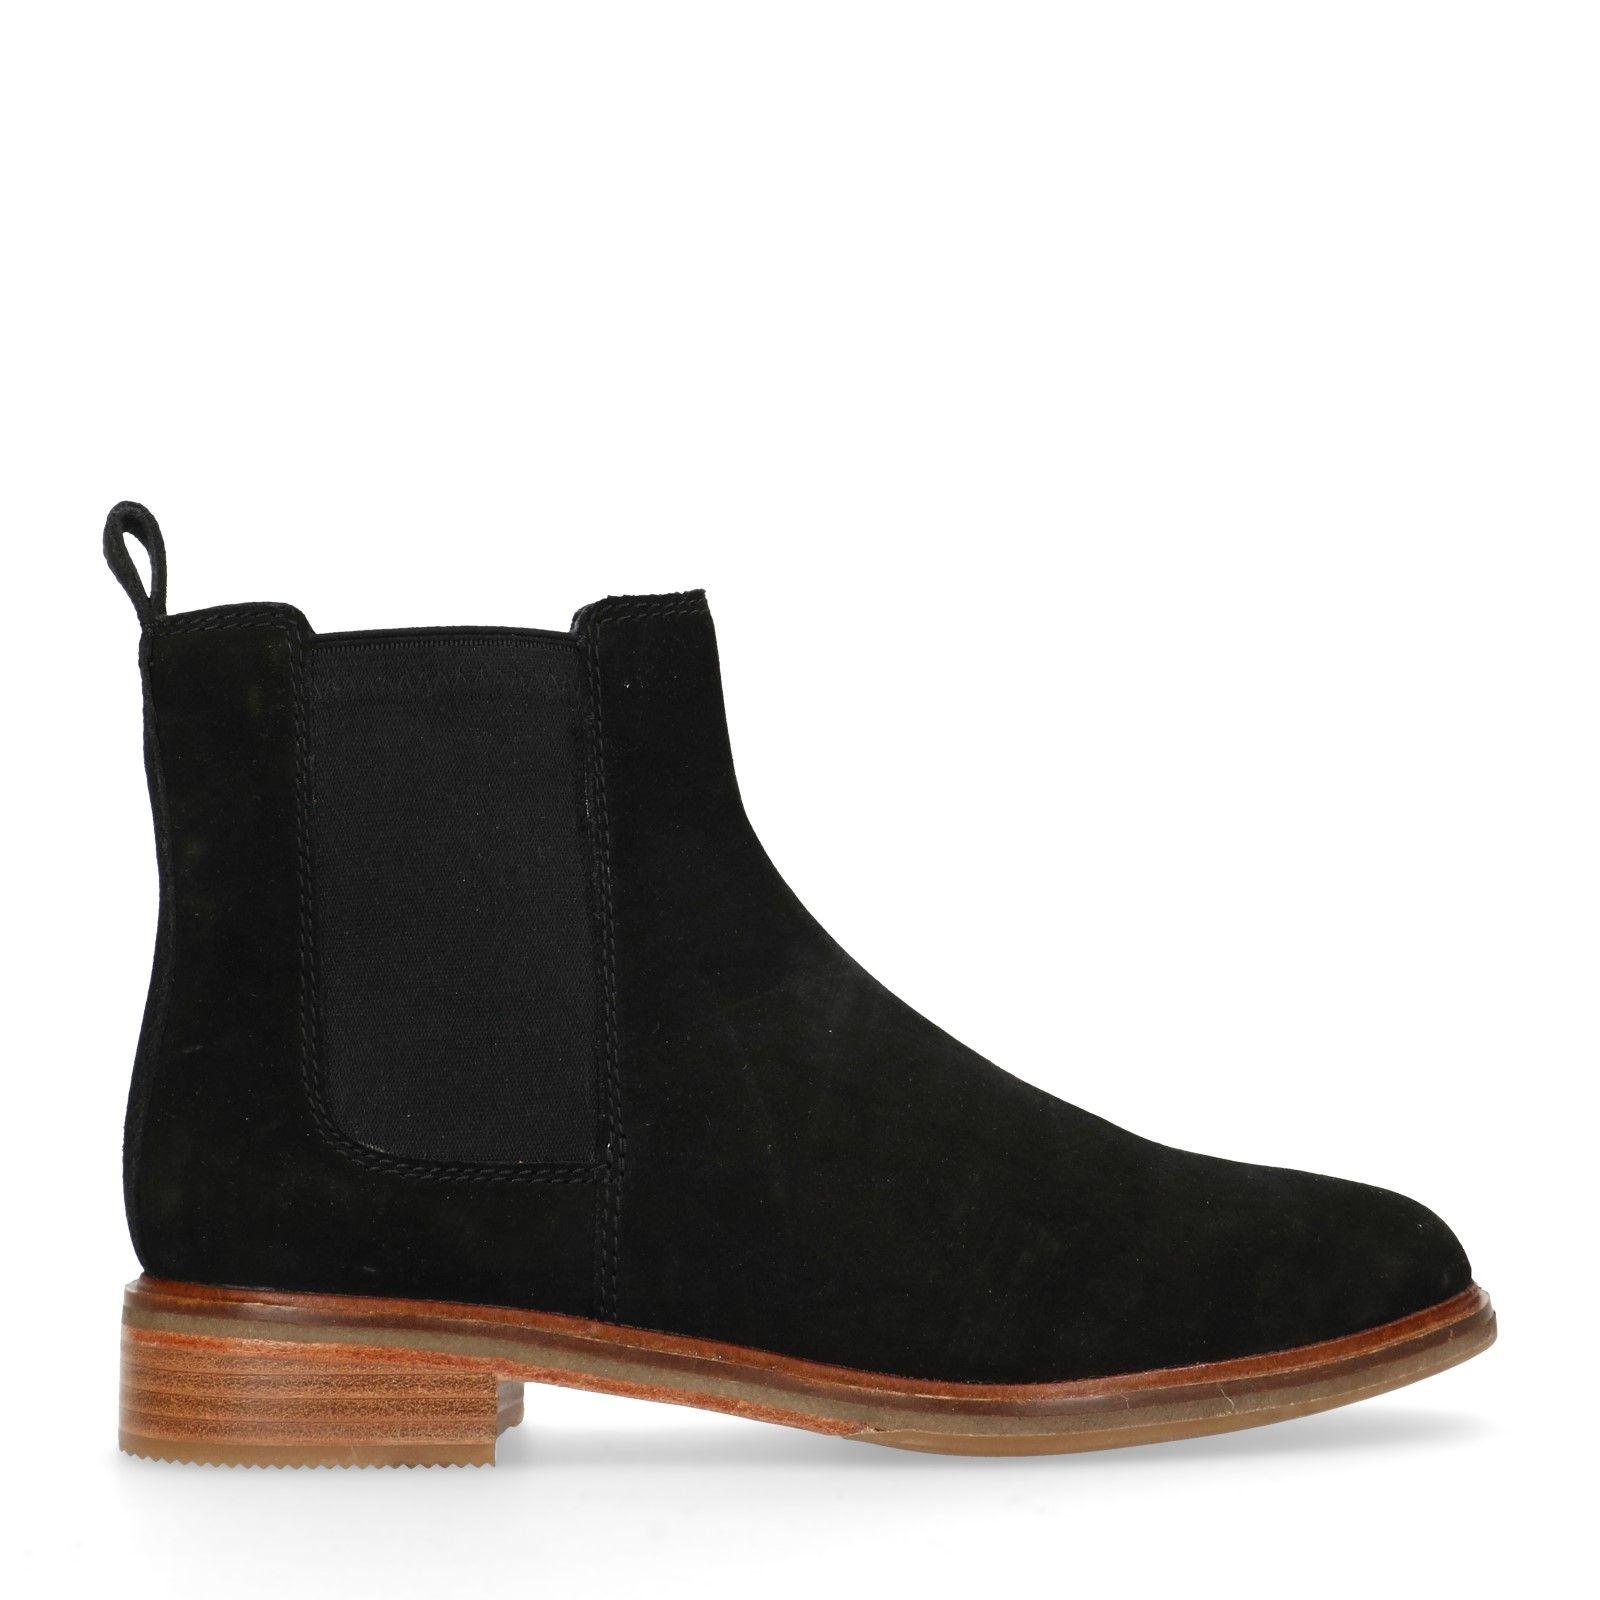 Suède chelsea boots Arlo Dames   MANFIELD